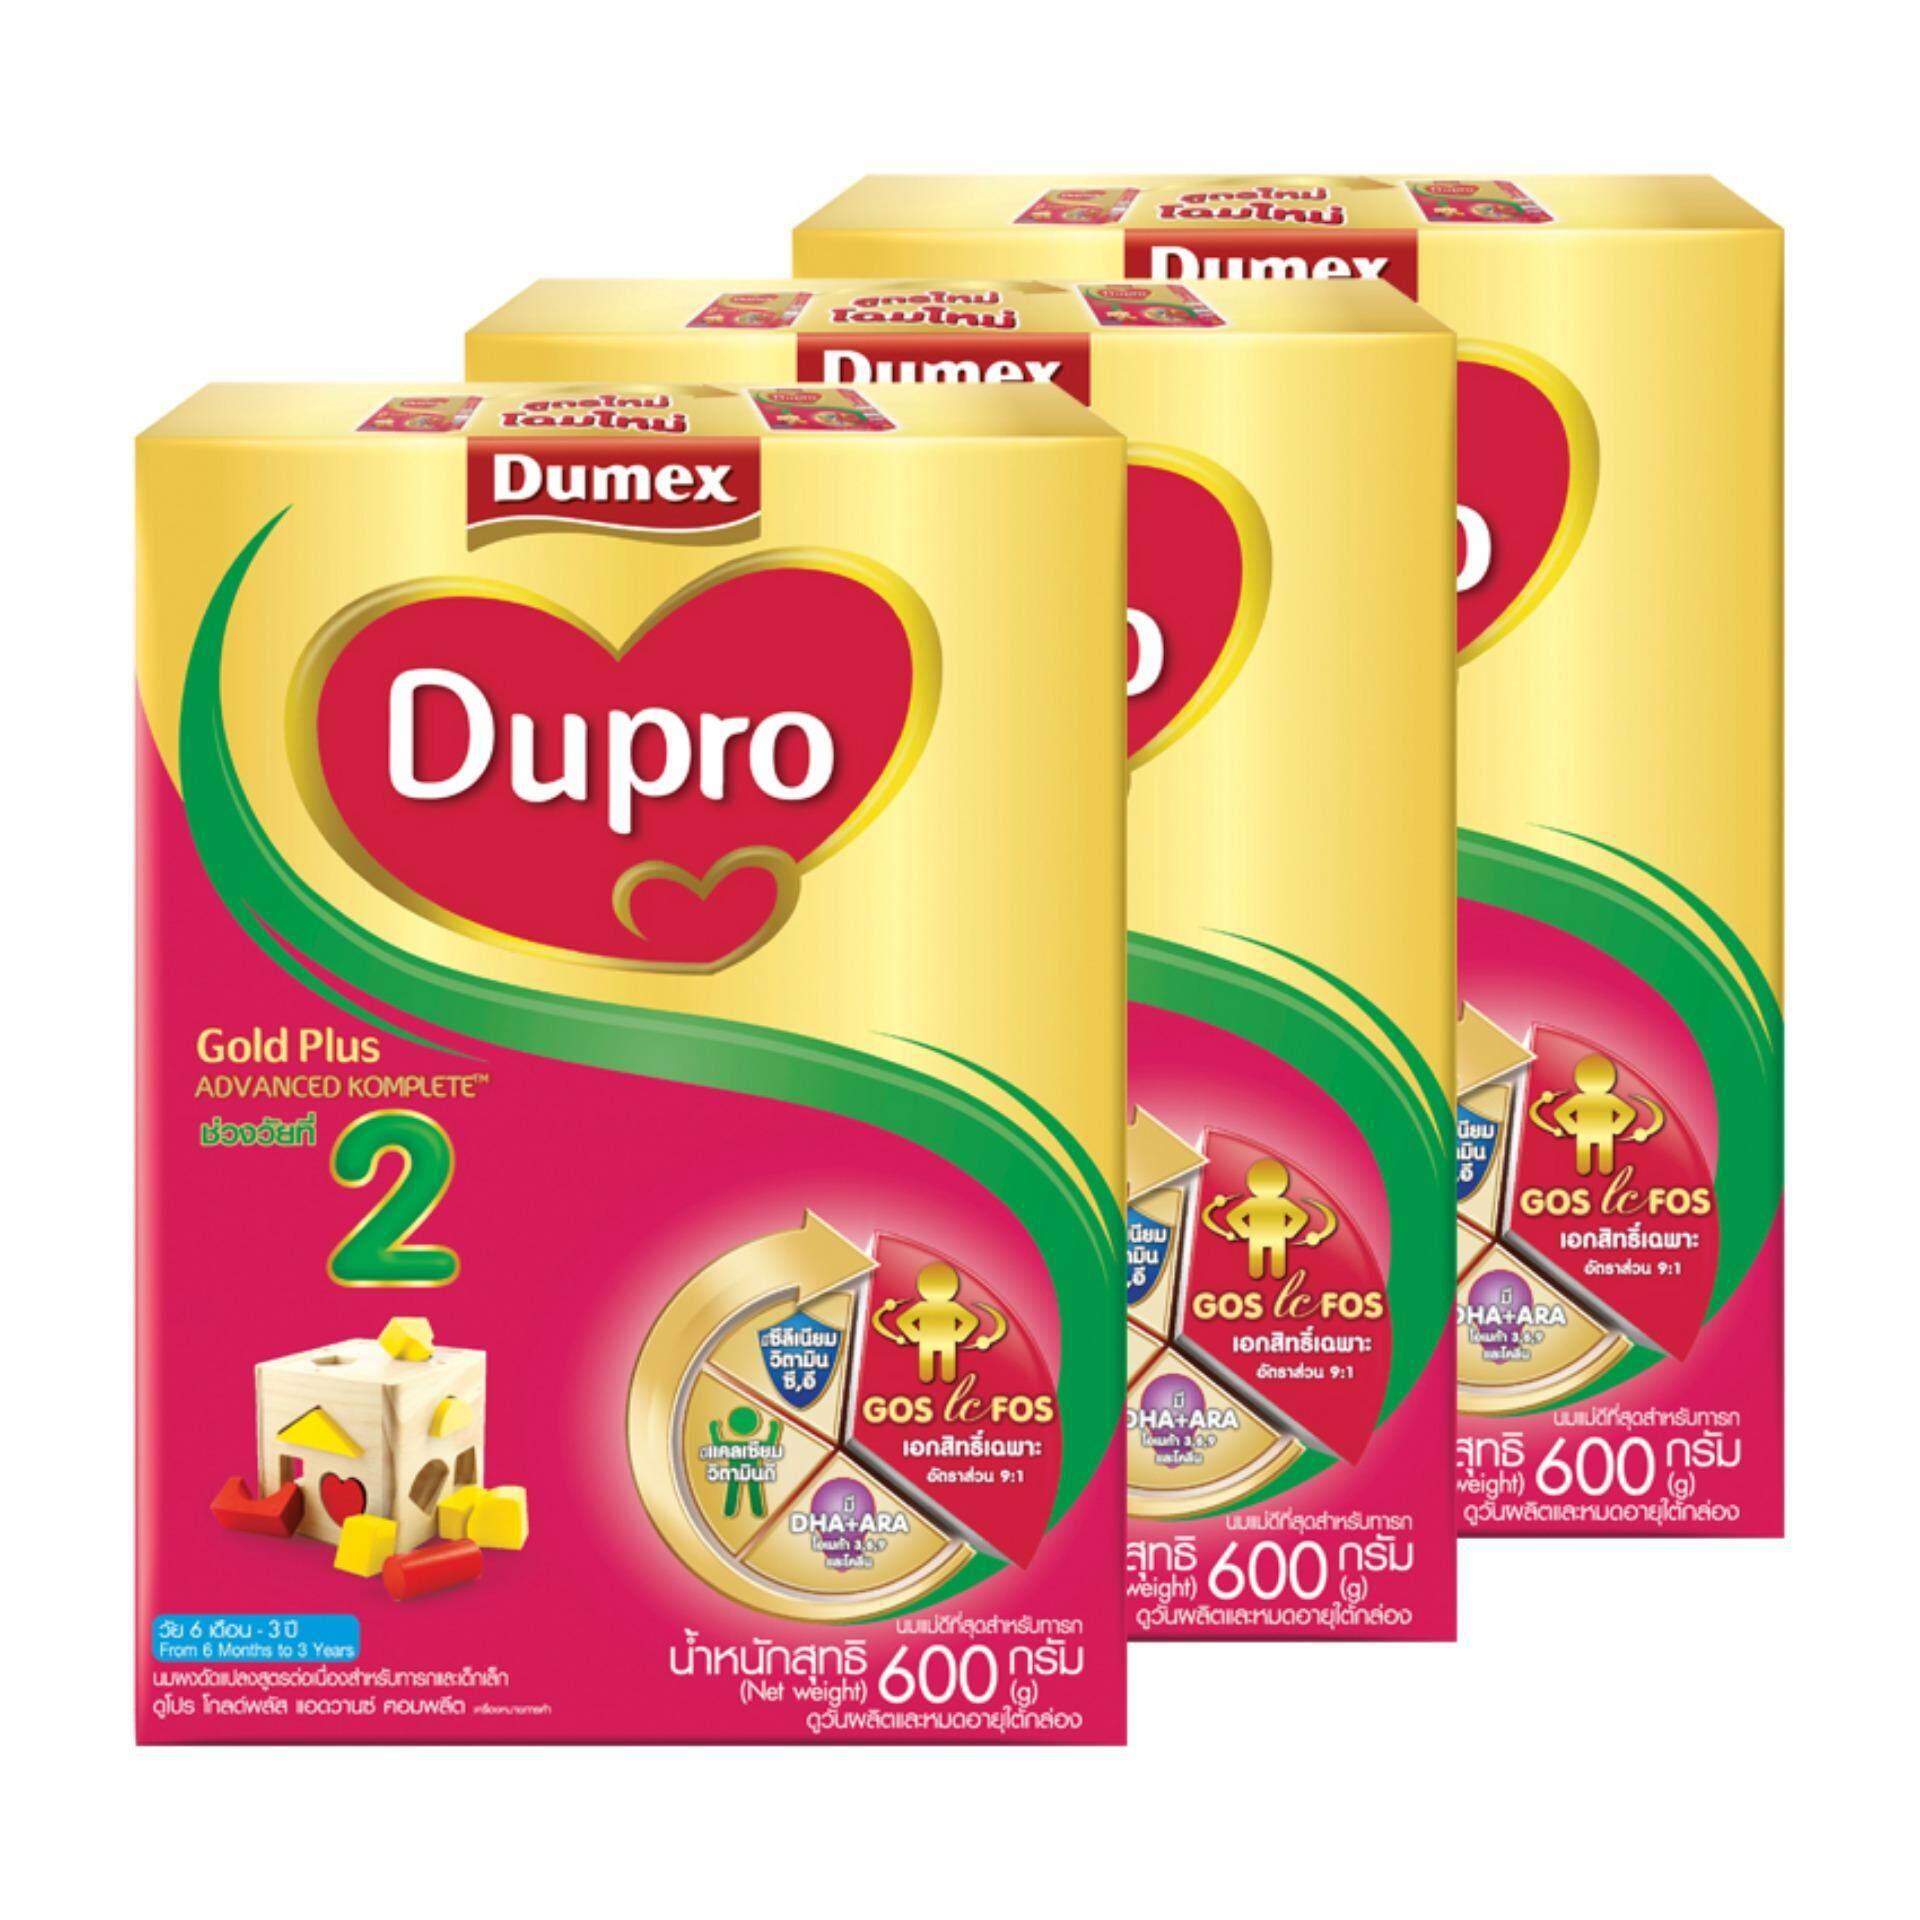 ซื้อ ขายยกลัง Dumex ดูเม็กซ์ นมผง โกลด์ พลัส2 600 กรัม ทั้งหมด 3 กล่อง Dumex เป็นต้นฉบับ